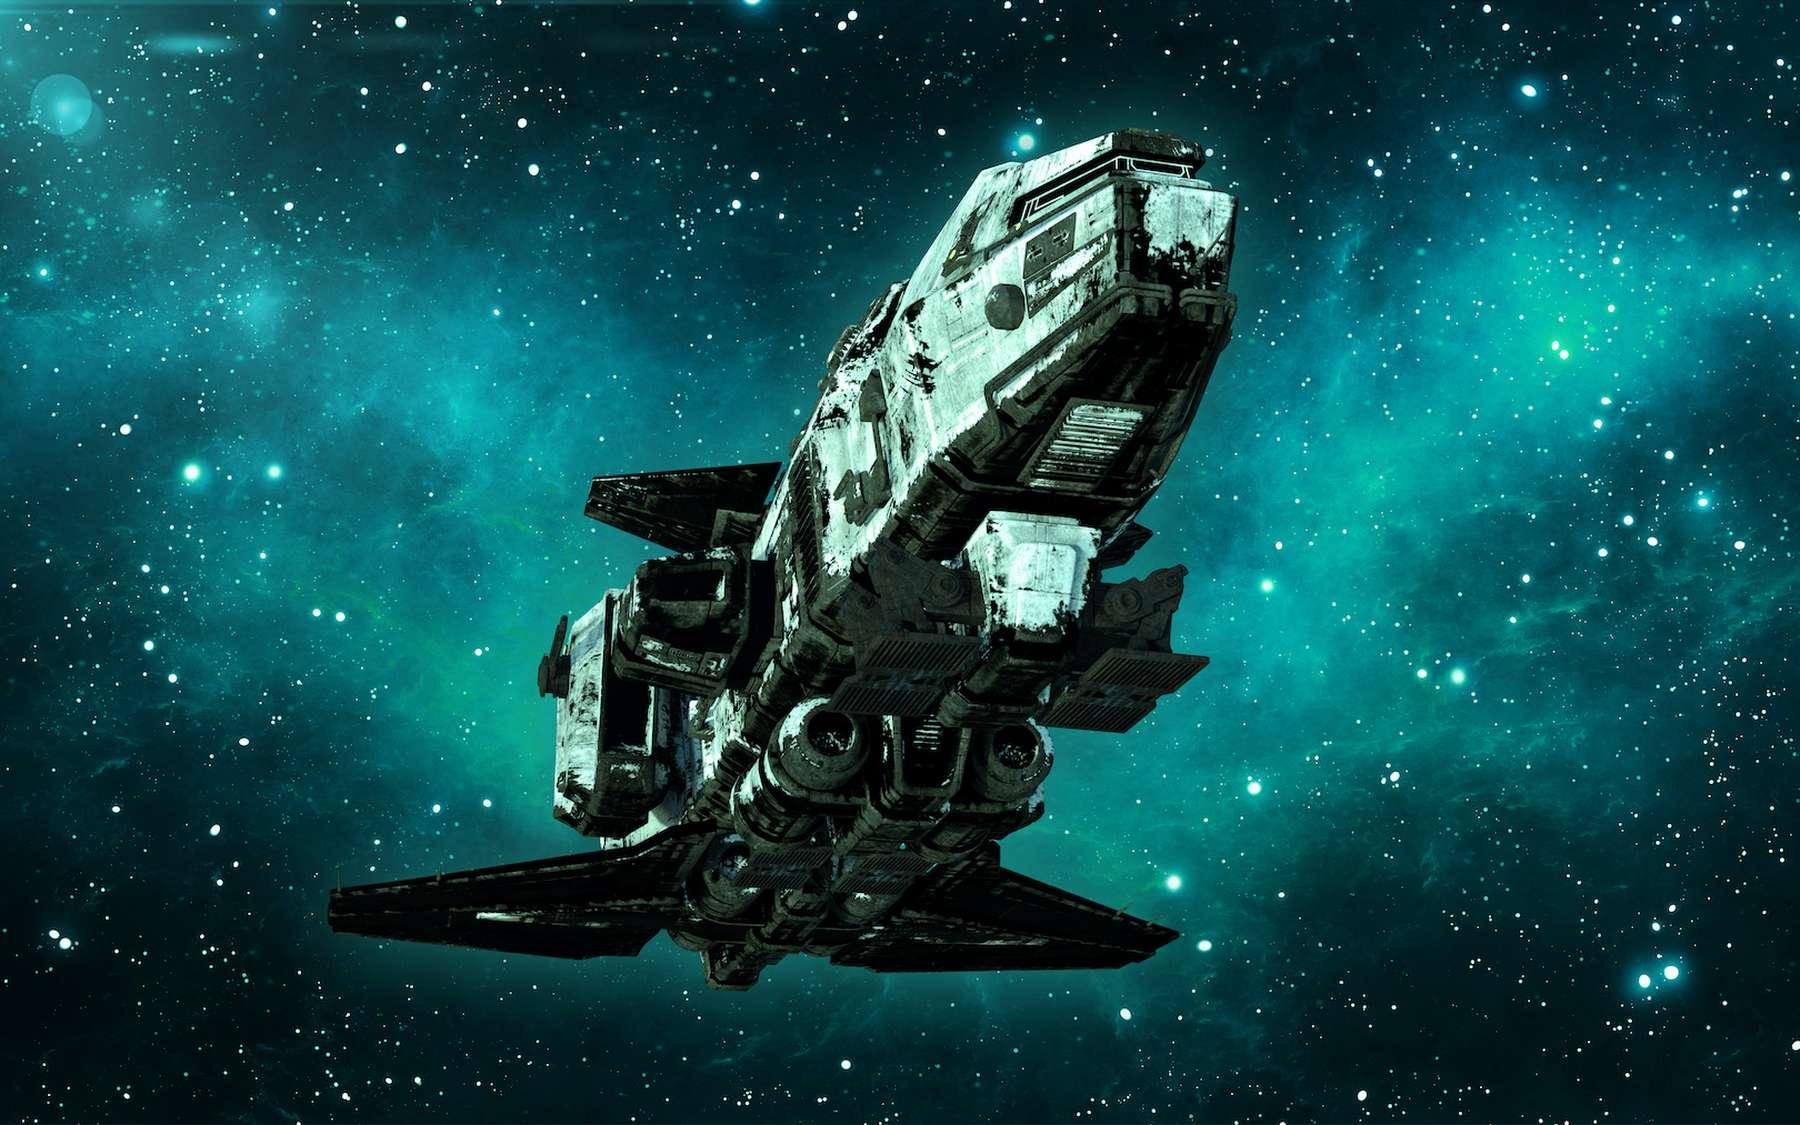 Un vaisseau d'un kilomètrę de long : rêve ou réalité ? © freestyle_images, Adobe Stock